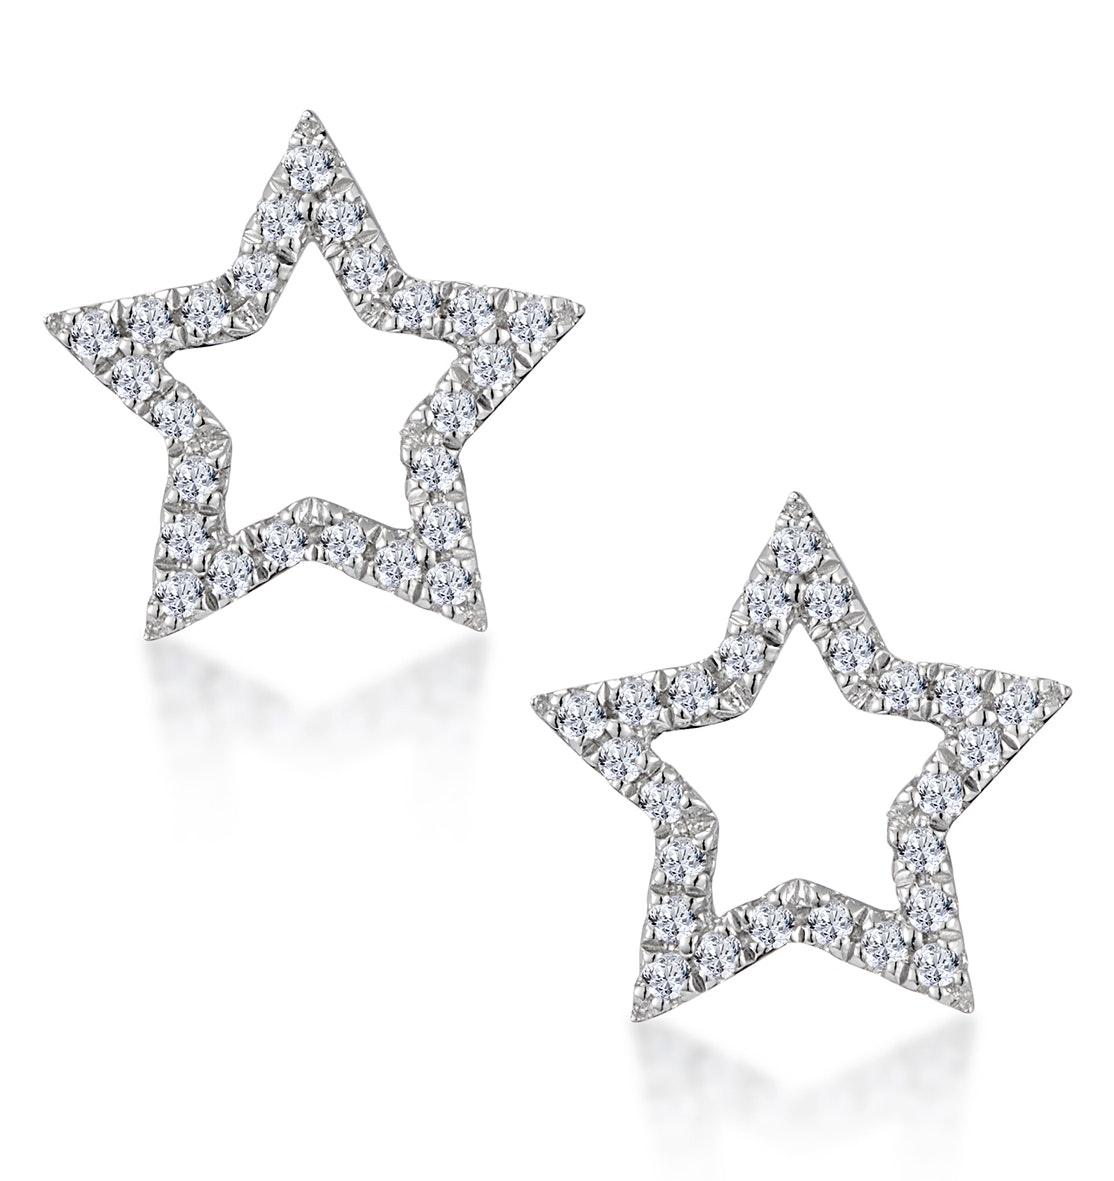 Diamond Stellato Star Earrings in 9K White Gold